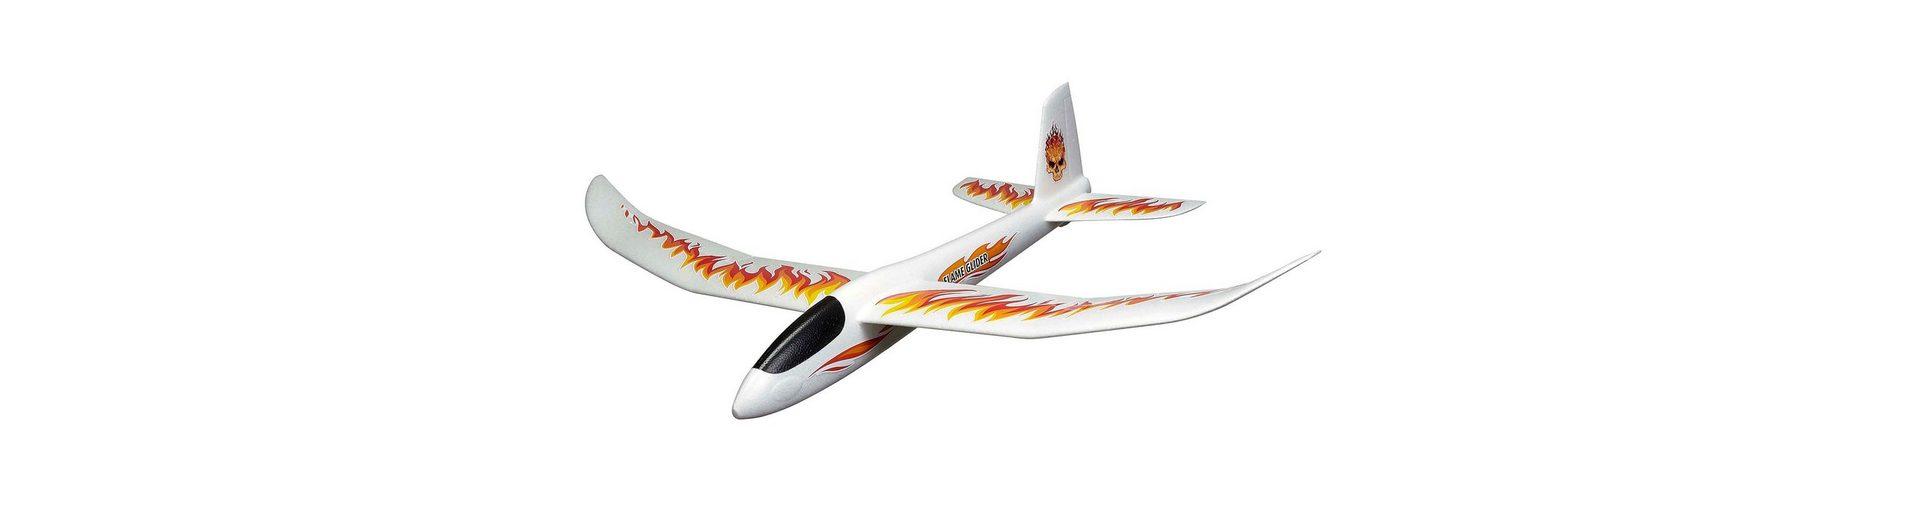 Revell® Modellbausatz Wurfgleiter, »Play 'N' Action XXL Glider Flame Glider«